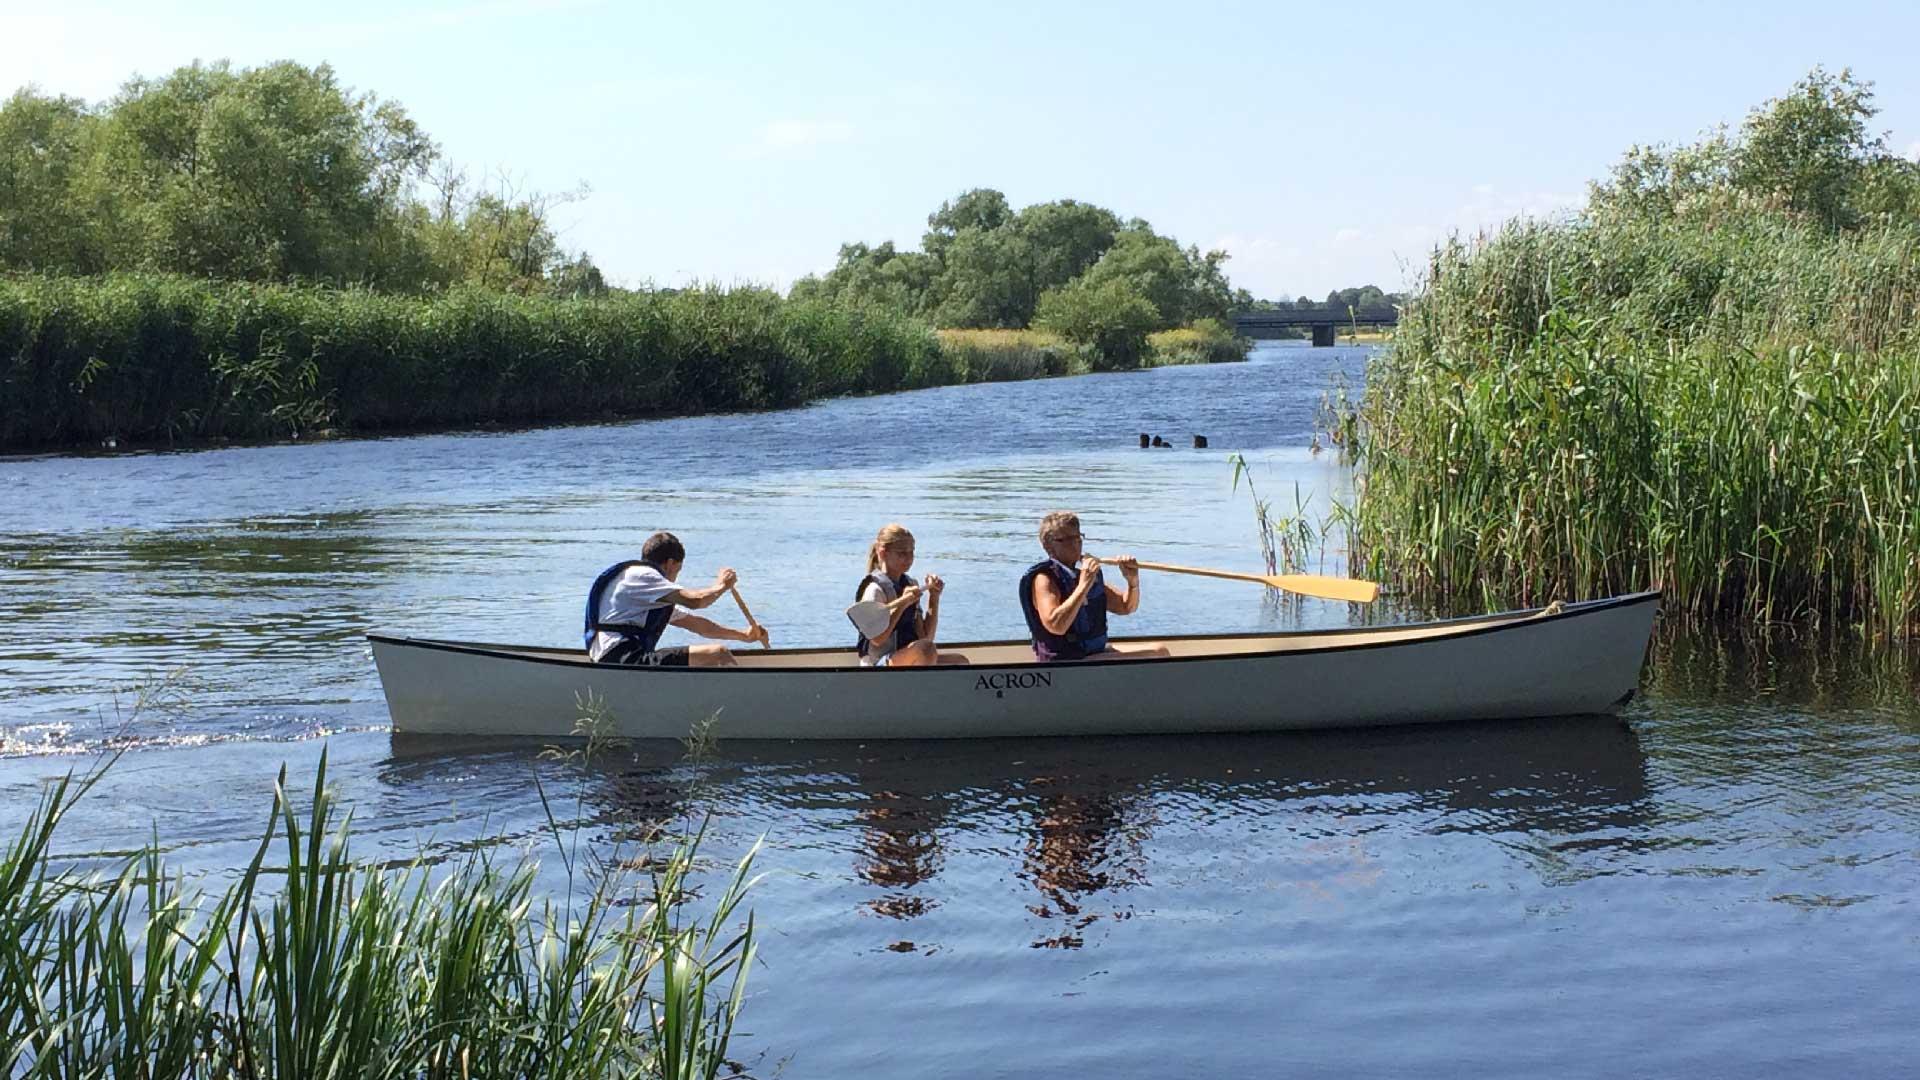 Paddla kanot på Helge å. Foto: Karin Magntorn